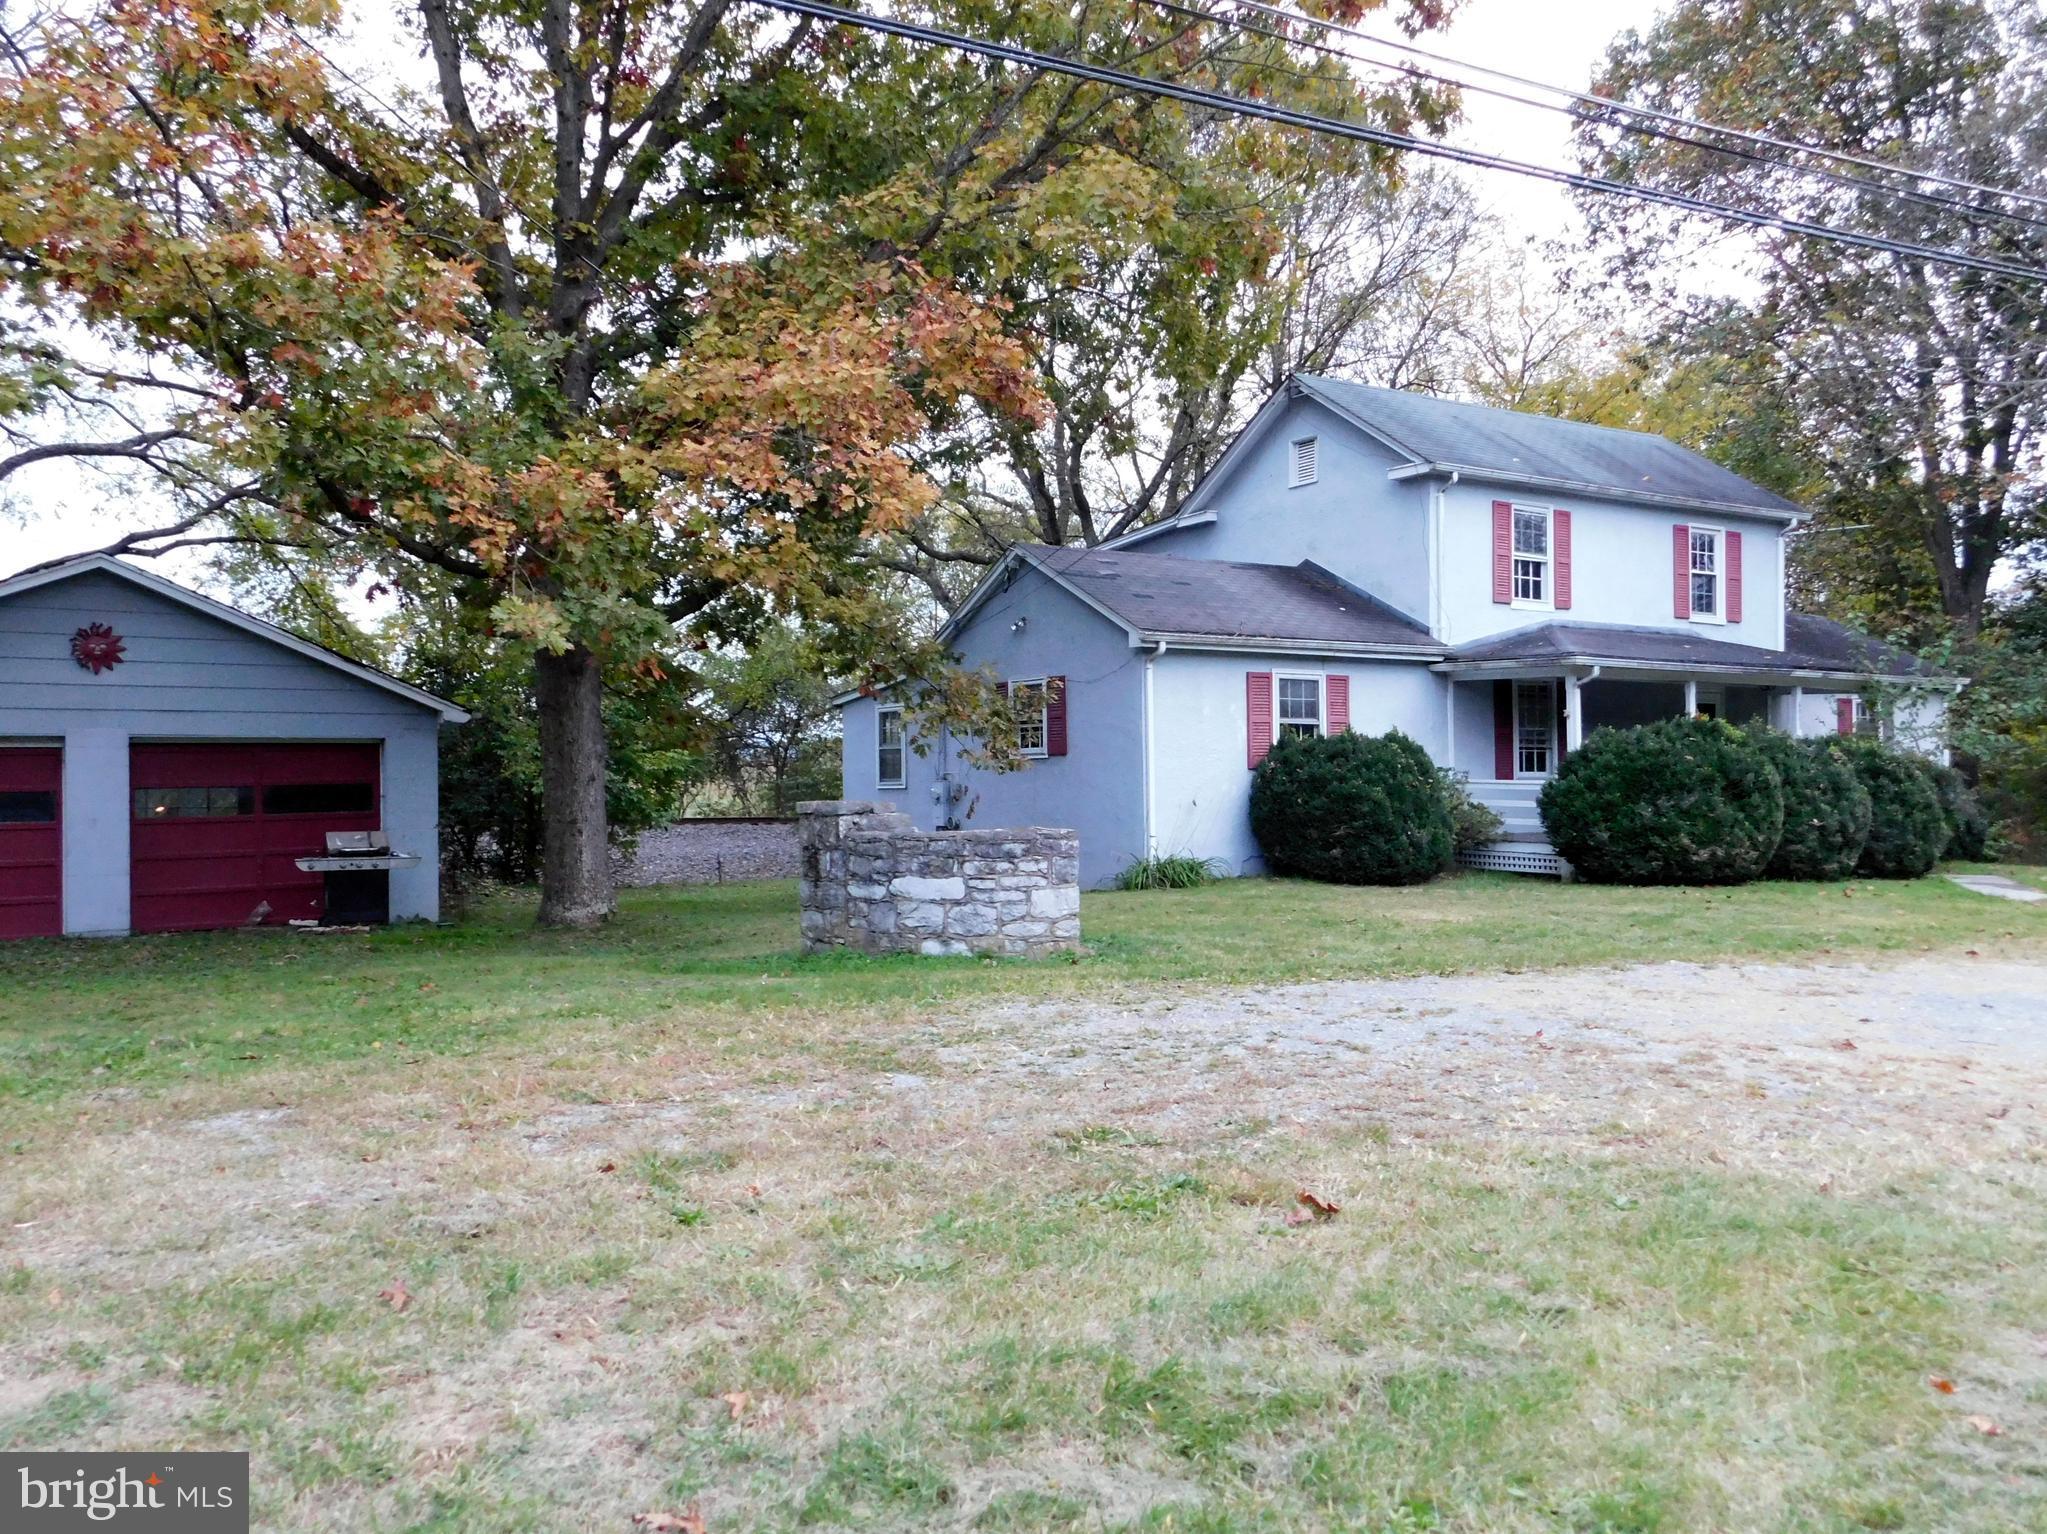 6883 Lord Fairfax Hwy, Berryville, VA, 22611